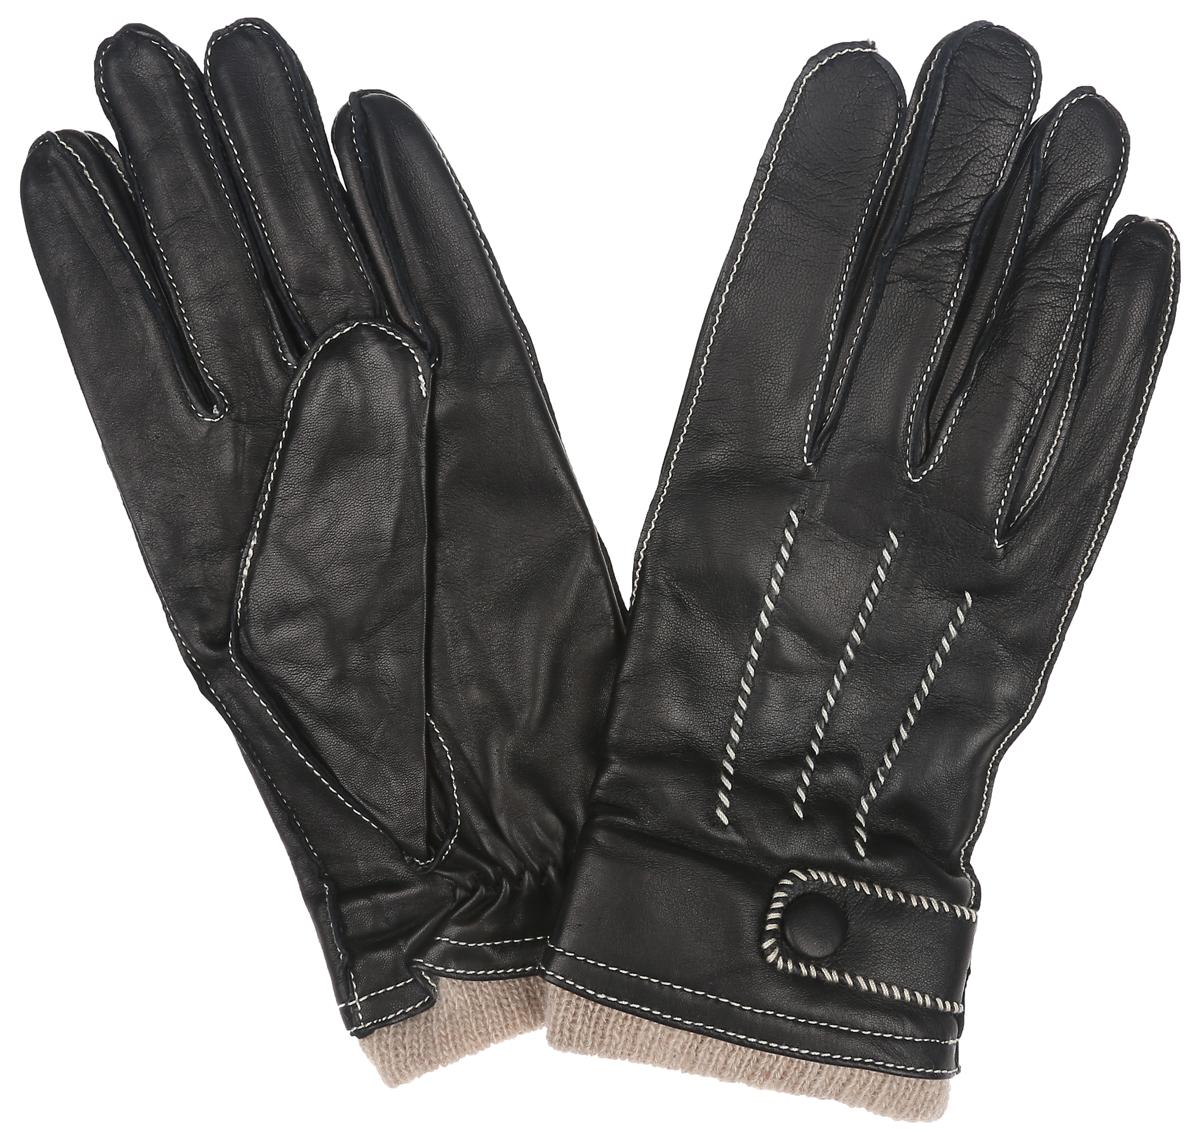 OS01750Потрясающие мужские перчатки Eleganzza выполнены из чрезвычайно мягкой и приятной на ощупь кожи, а их подкладка - из натуральной шерсти с добавлением кашемира. Модель оформлена наружными швами с контрастной прострочкой. Лицевая сторона дополнена декоративными швами три луча и декоративным ремешком на застежке-кнопке. В настоящее время перчатки являются неотъемлемой принадлежностью одежды. Перчатки станут завершающим и подчеркивающим элементом вашего стиля и неповторимости.